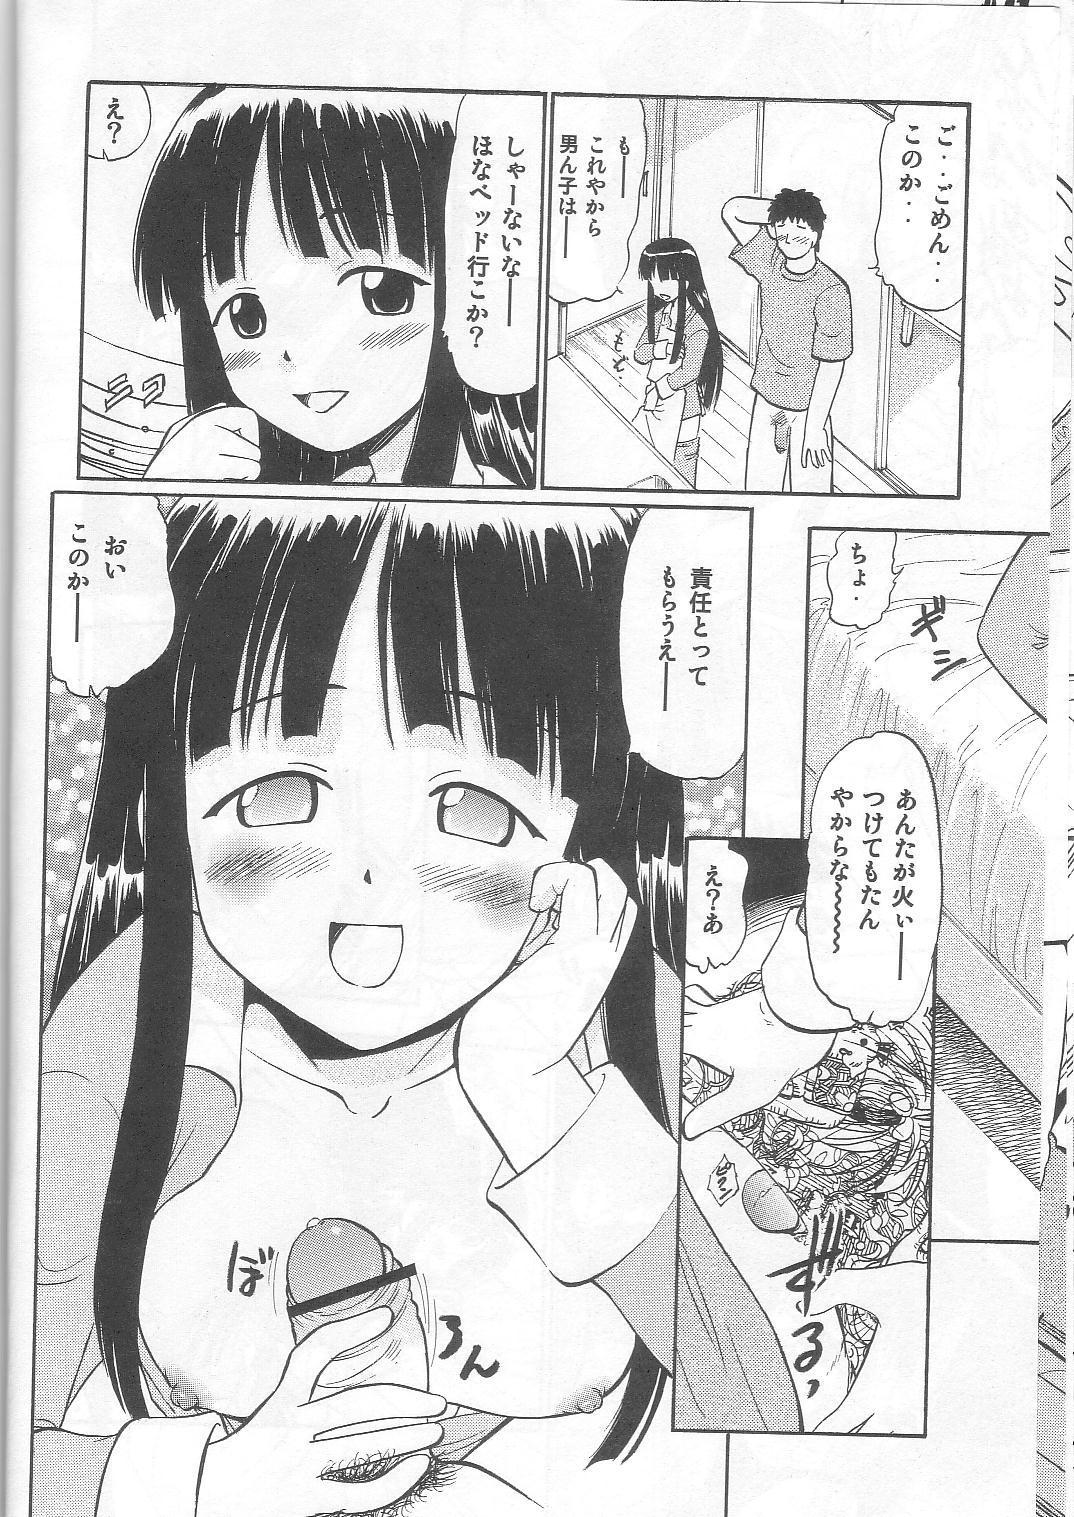 Konoka no Koisuru Heart 10